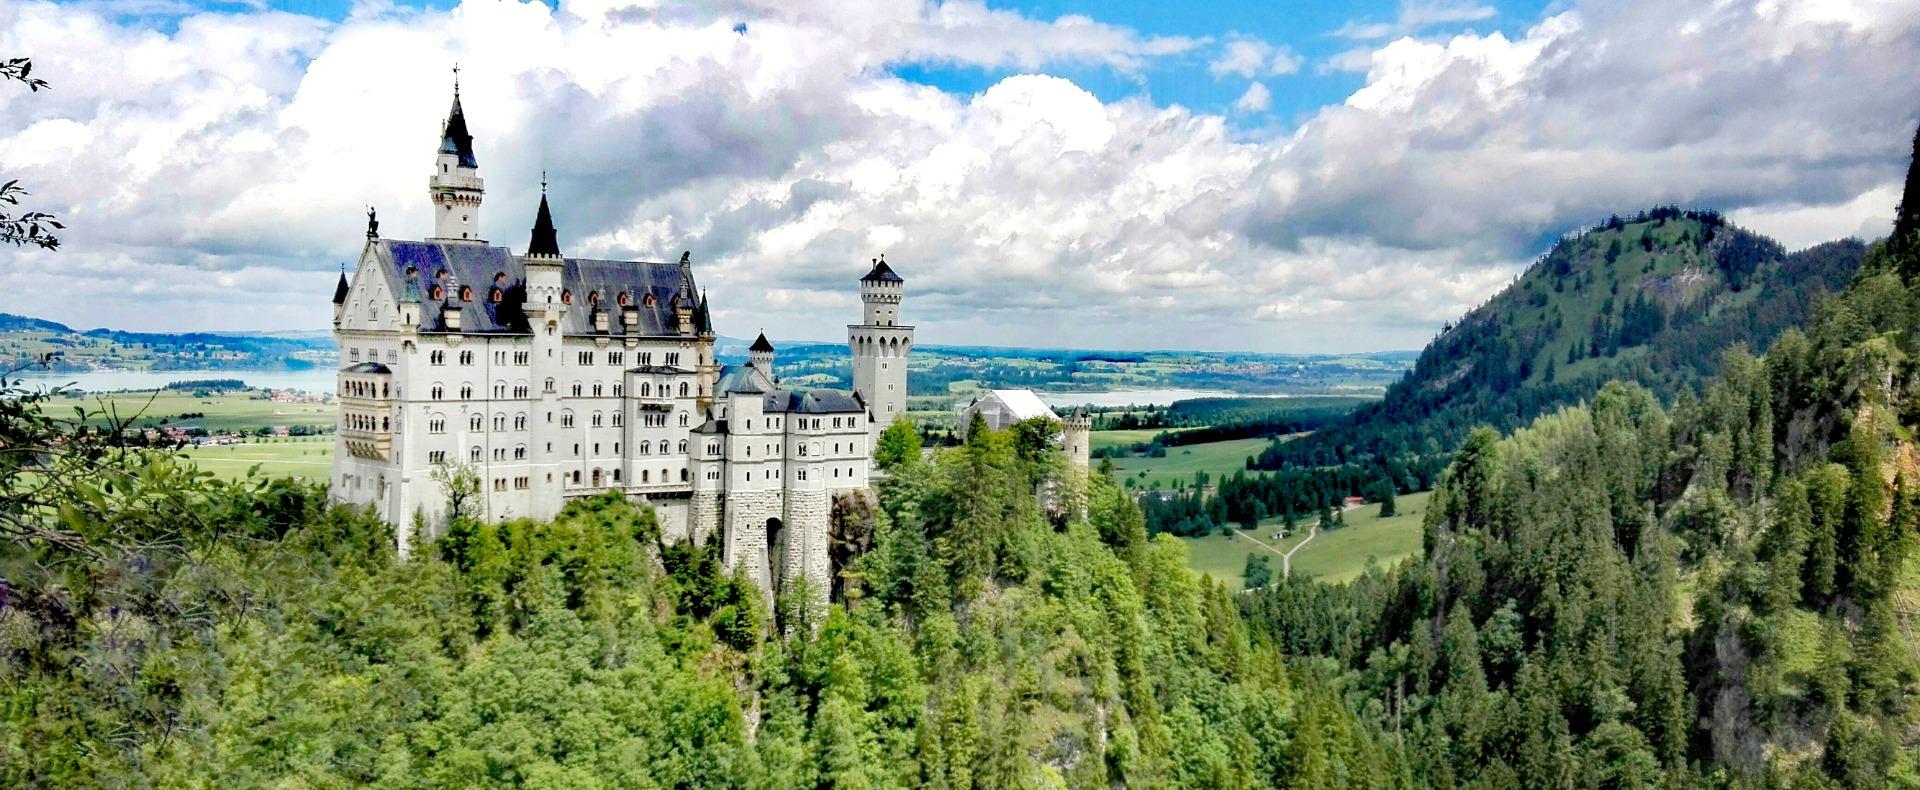 Neuschwanstain Castle